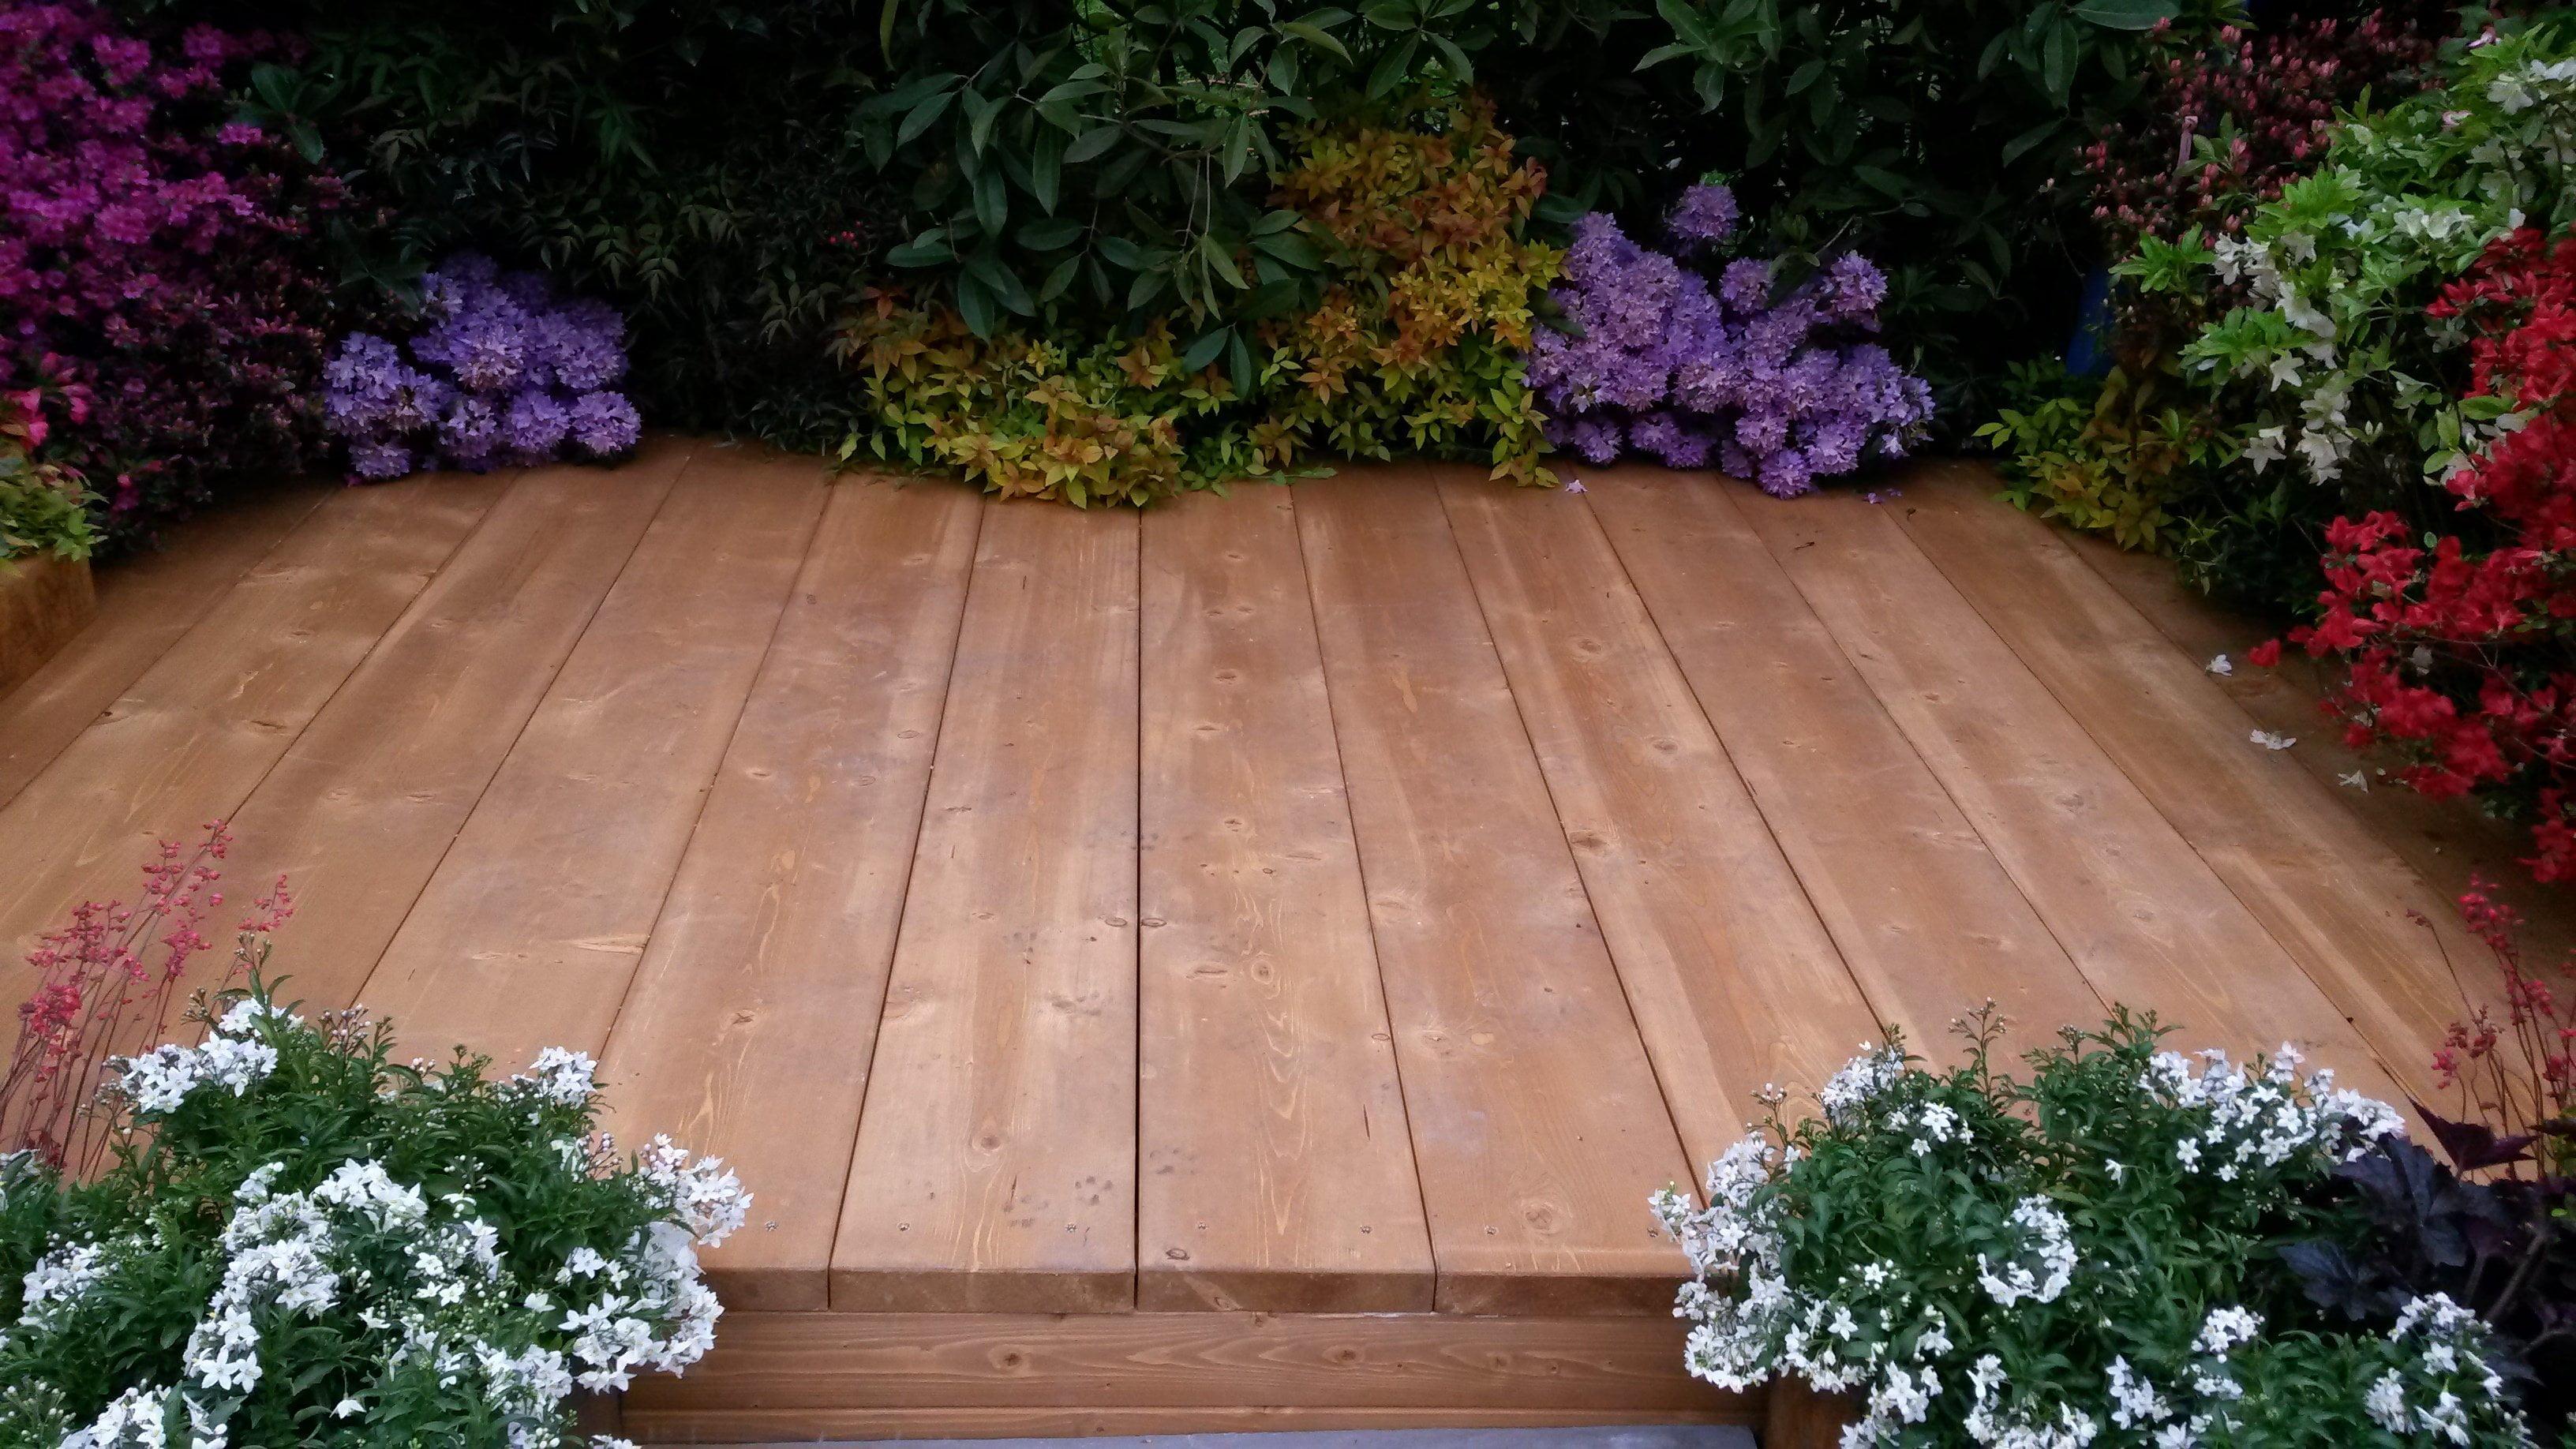 Tavole abete in legno per pedane e allestimenti cereda legnami agrate brianza - Tavole di legno per edilizia ...